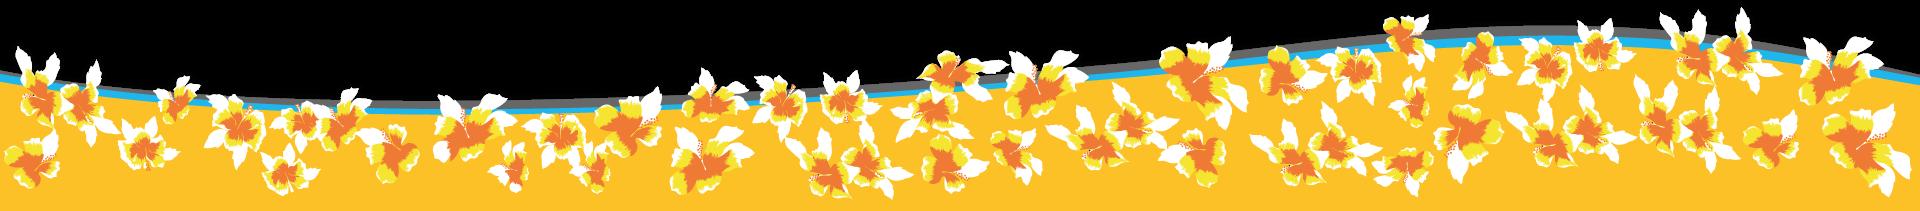 Welle mit Blumen